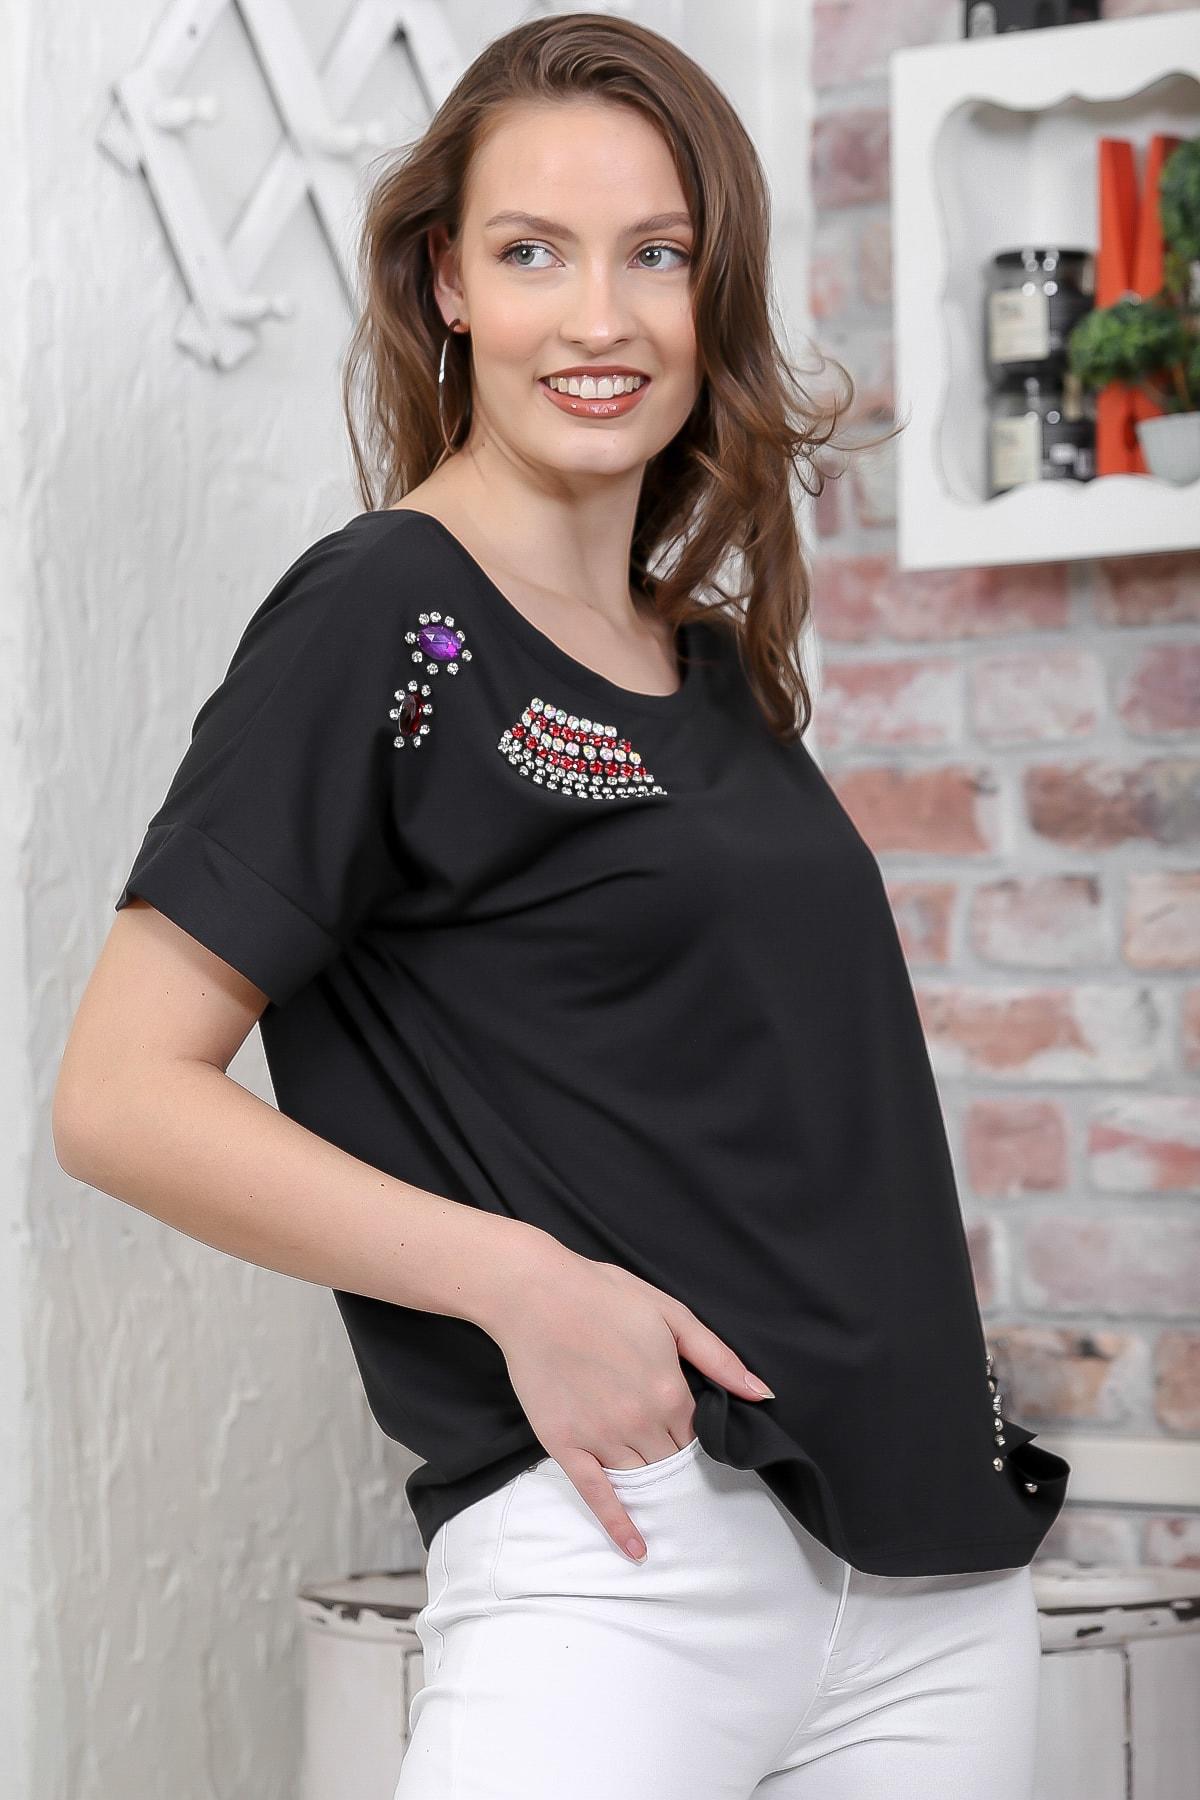 Chiccy Kadın Siyah Kristal Taş İşlemeli Salaş Düşük Kol T-Shirt M10010300TS98272